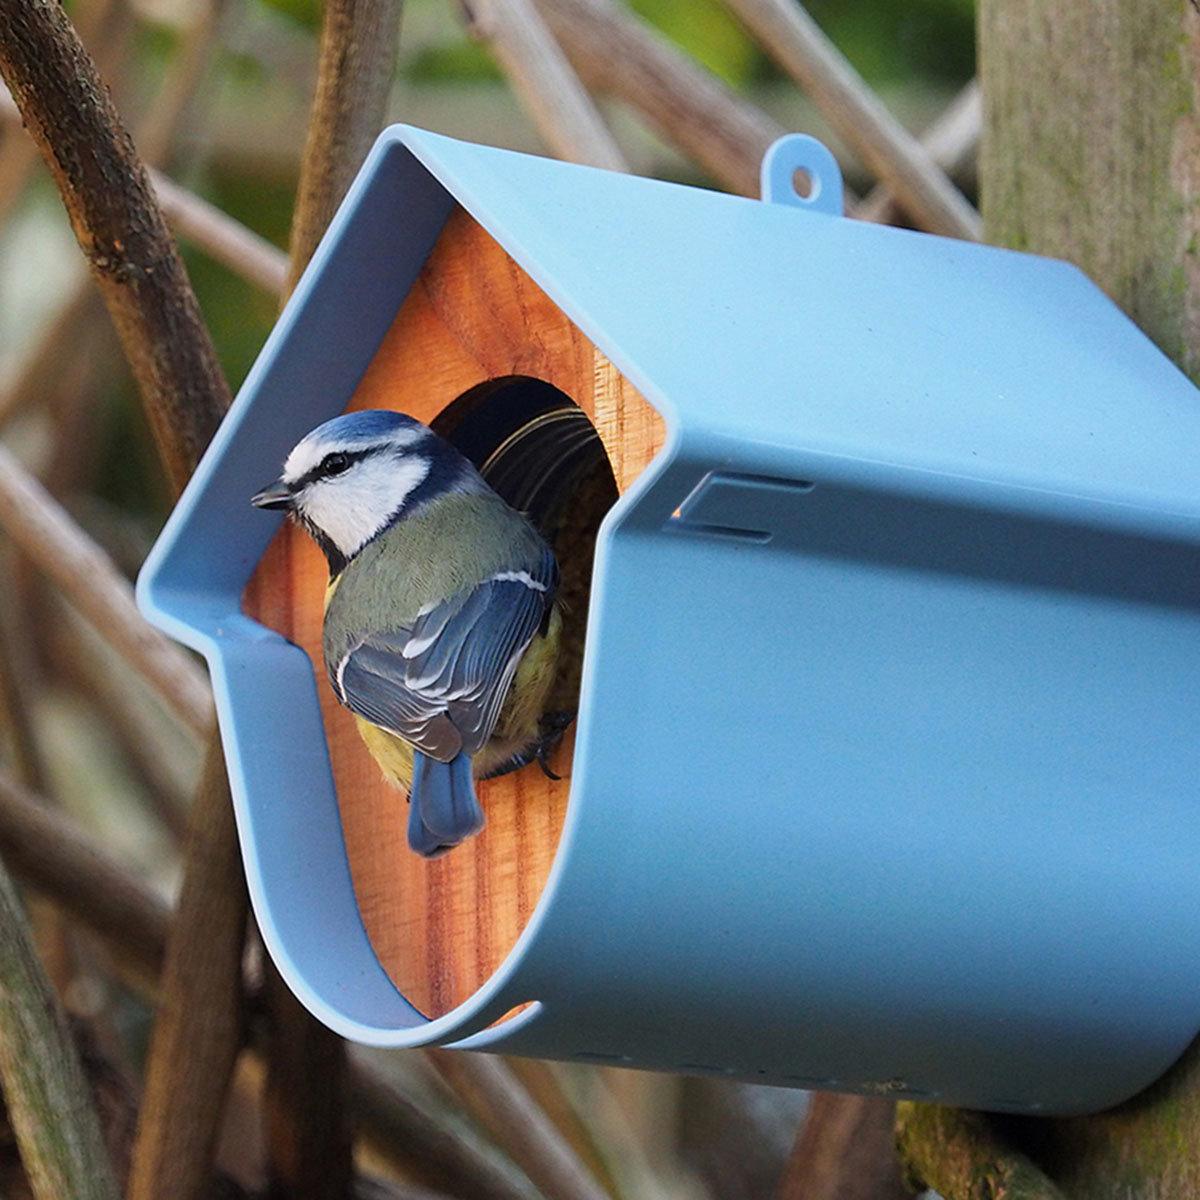 Erdnussbutterglashalter Evie, 13x15x17 cm, Kunststoff, blau